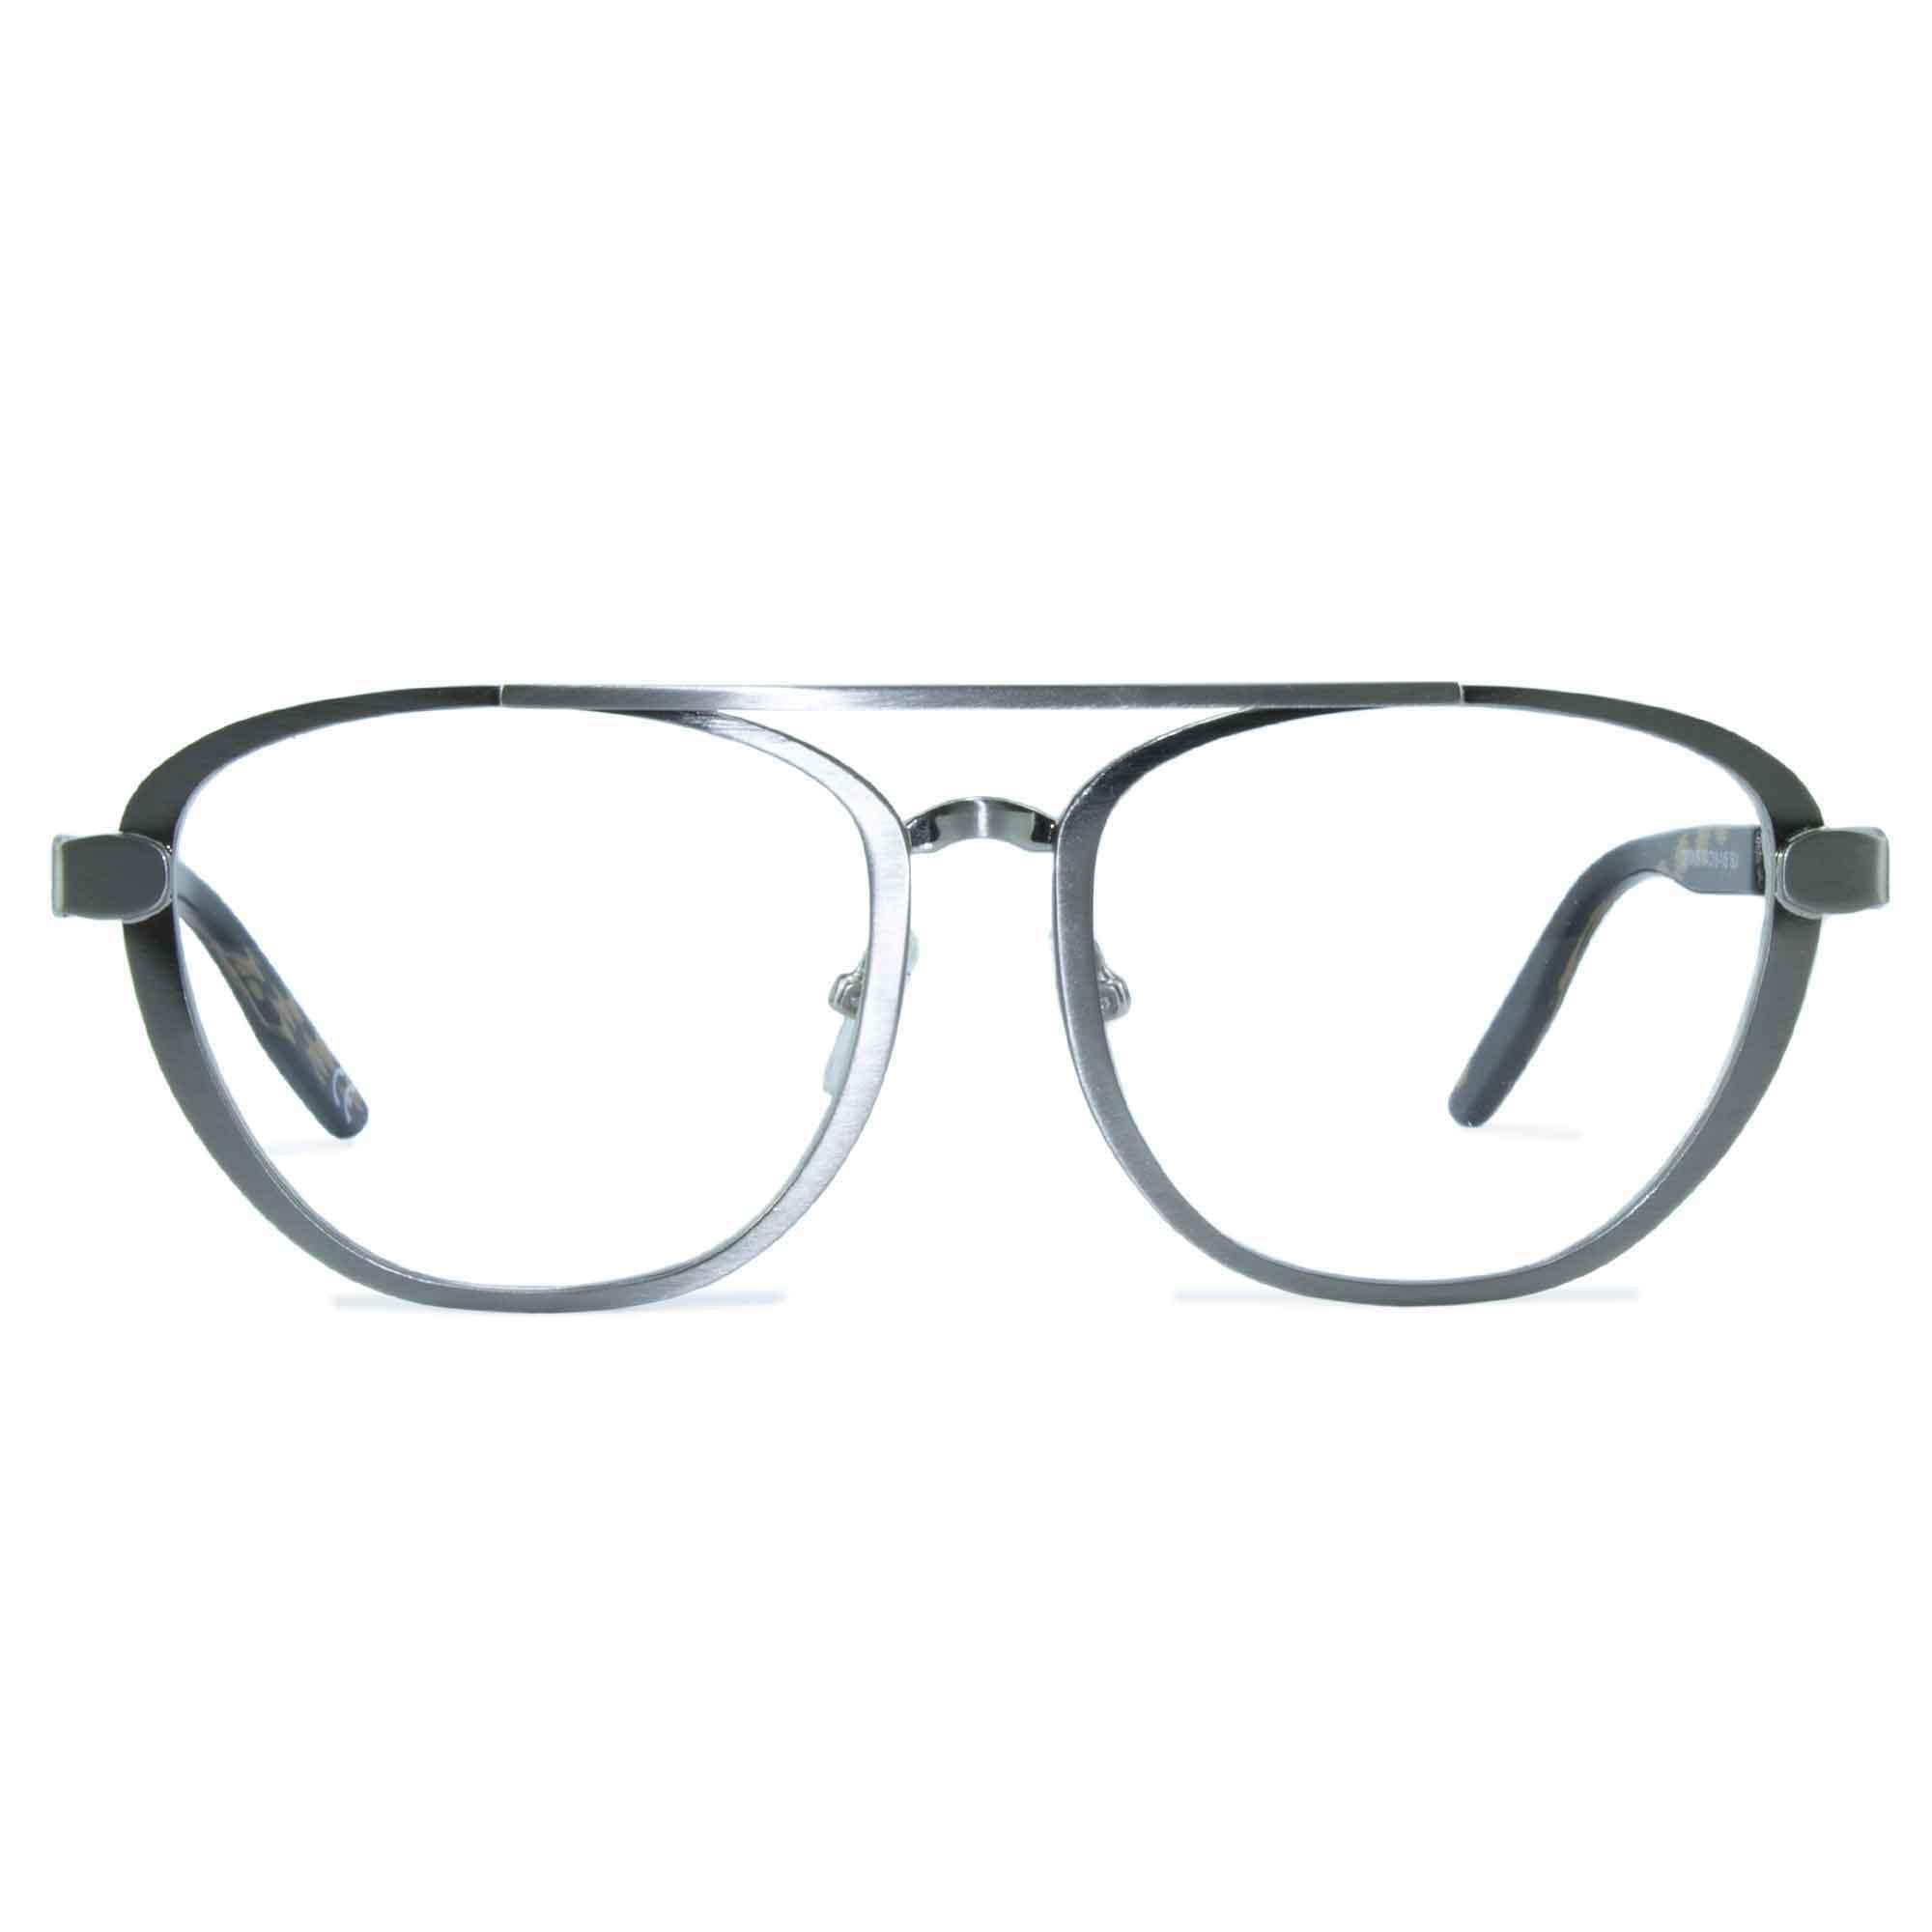 Joiuss dennis silver aviator glasses